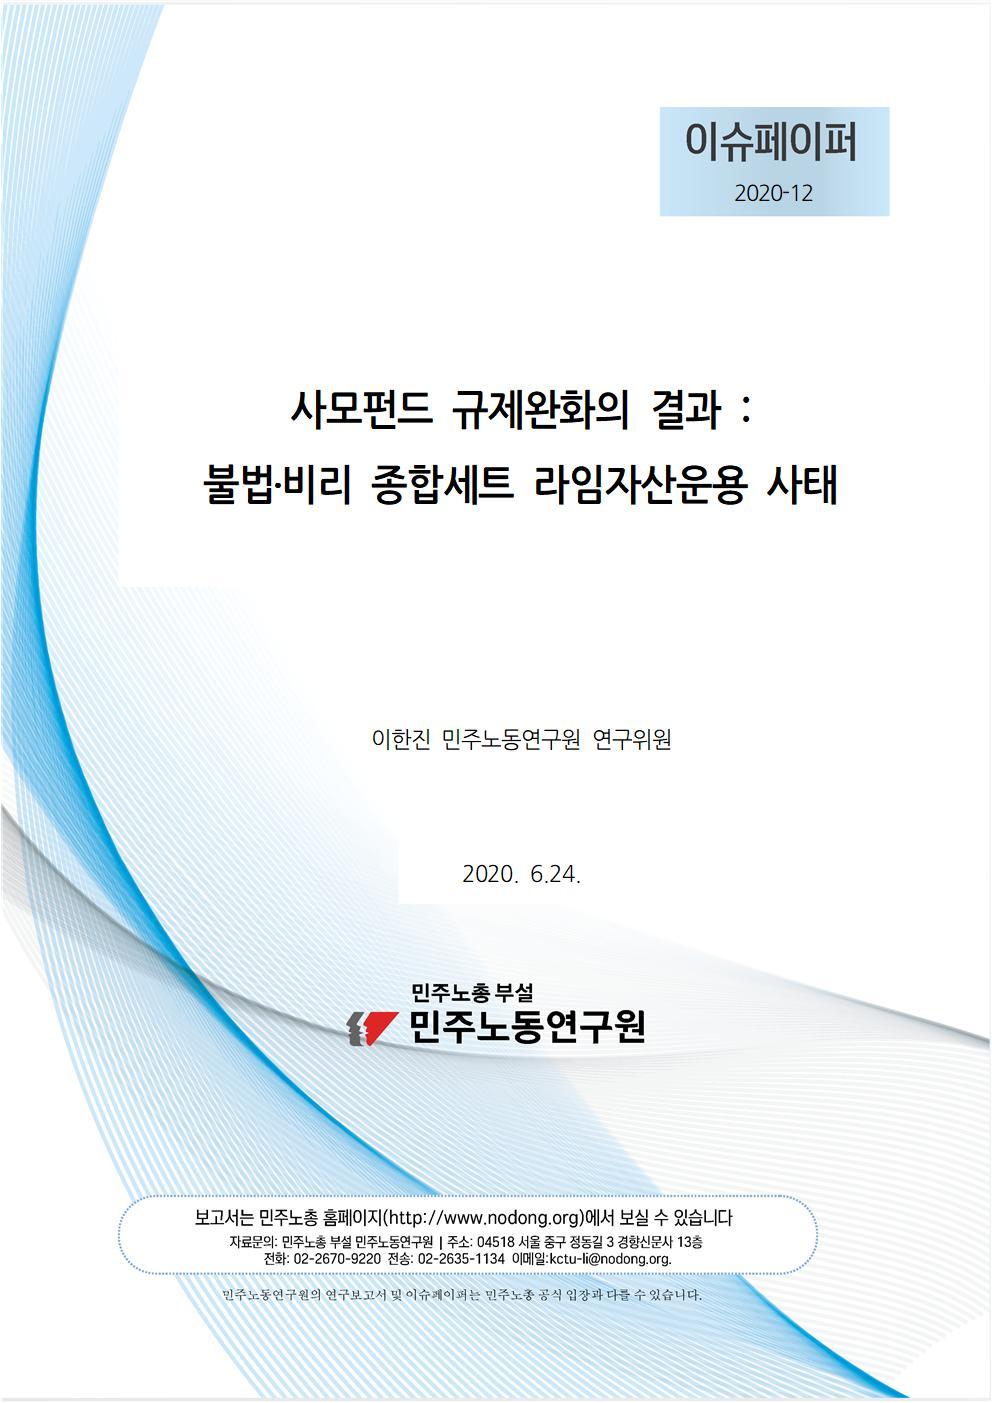 2020_12_라임사모펀드_규제완화결과_민주노동연구원_이슈페이퍼_이한진(표지)001.jpg